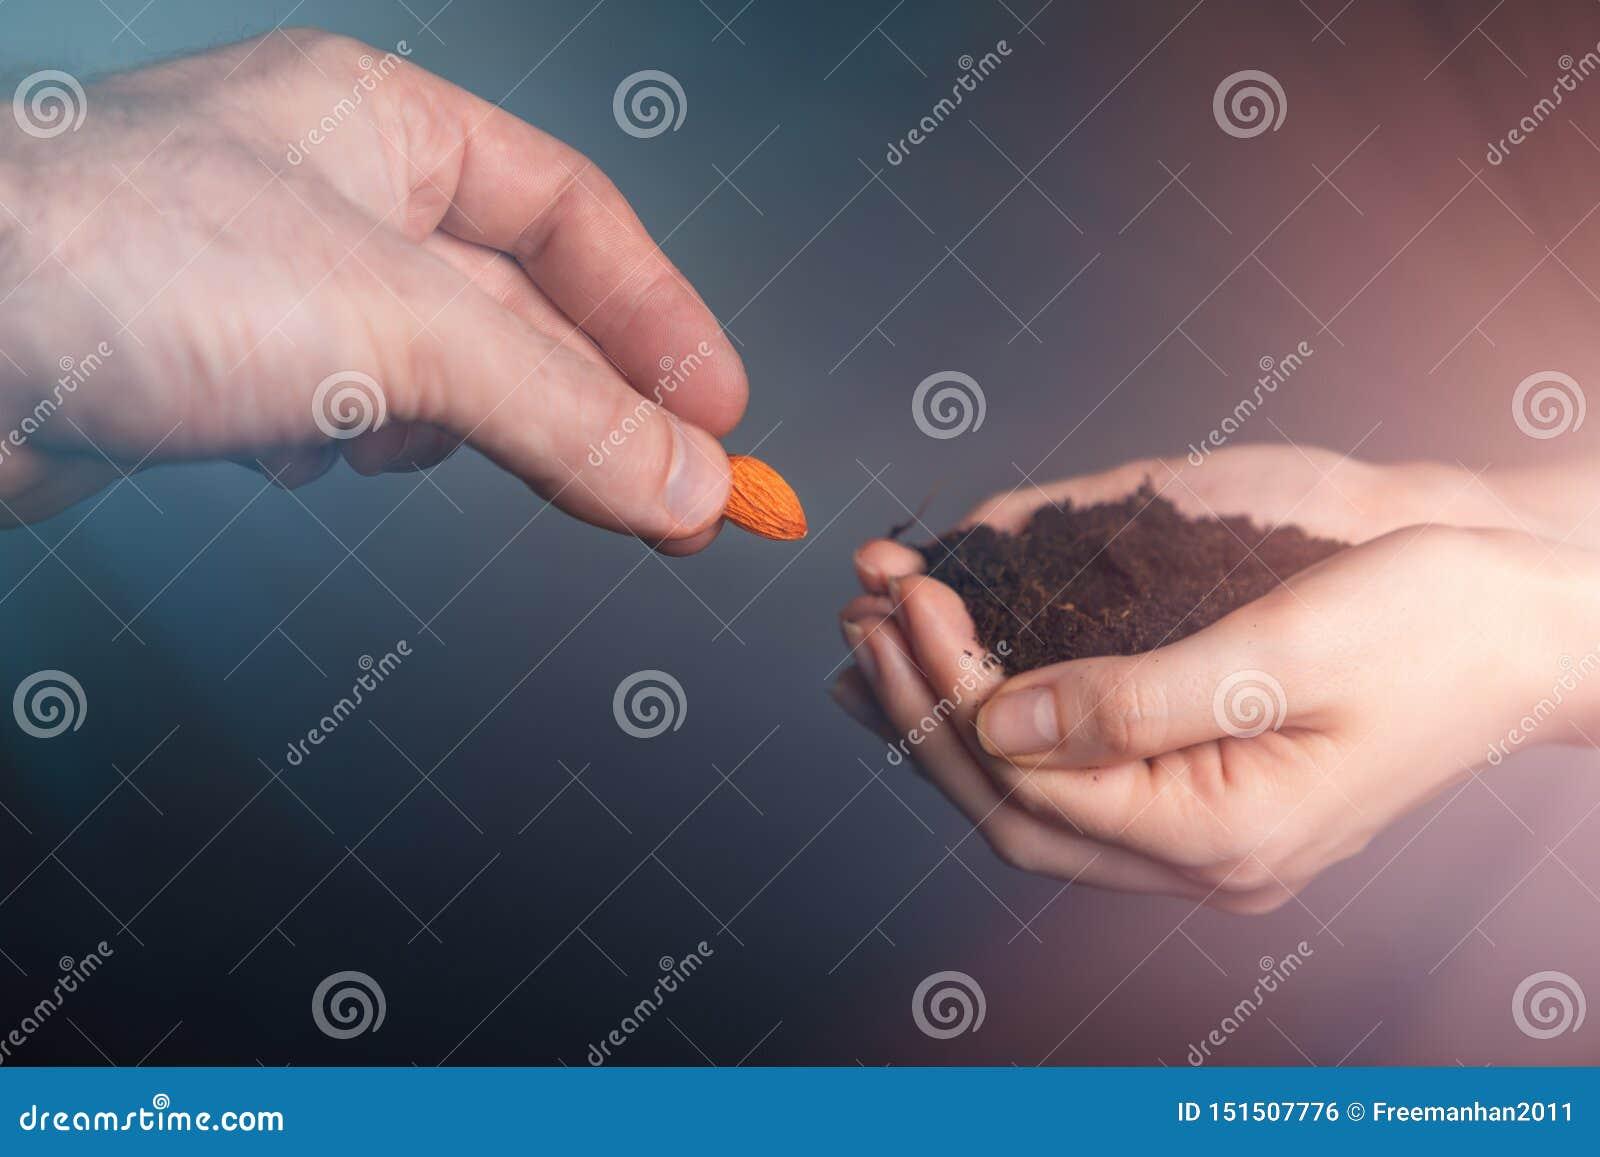 Kvinnors händer rymmer den fertila jordningen som mäns händer sätter i korn Begreppet av IVF, fertilitet och havandeskap close up